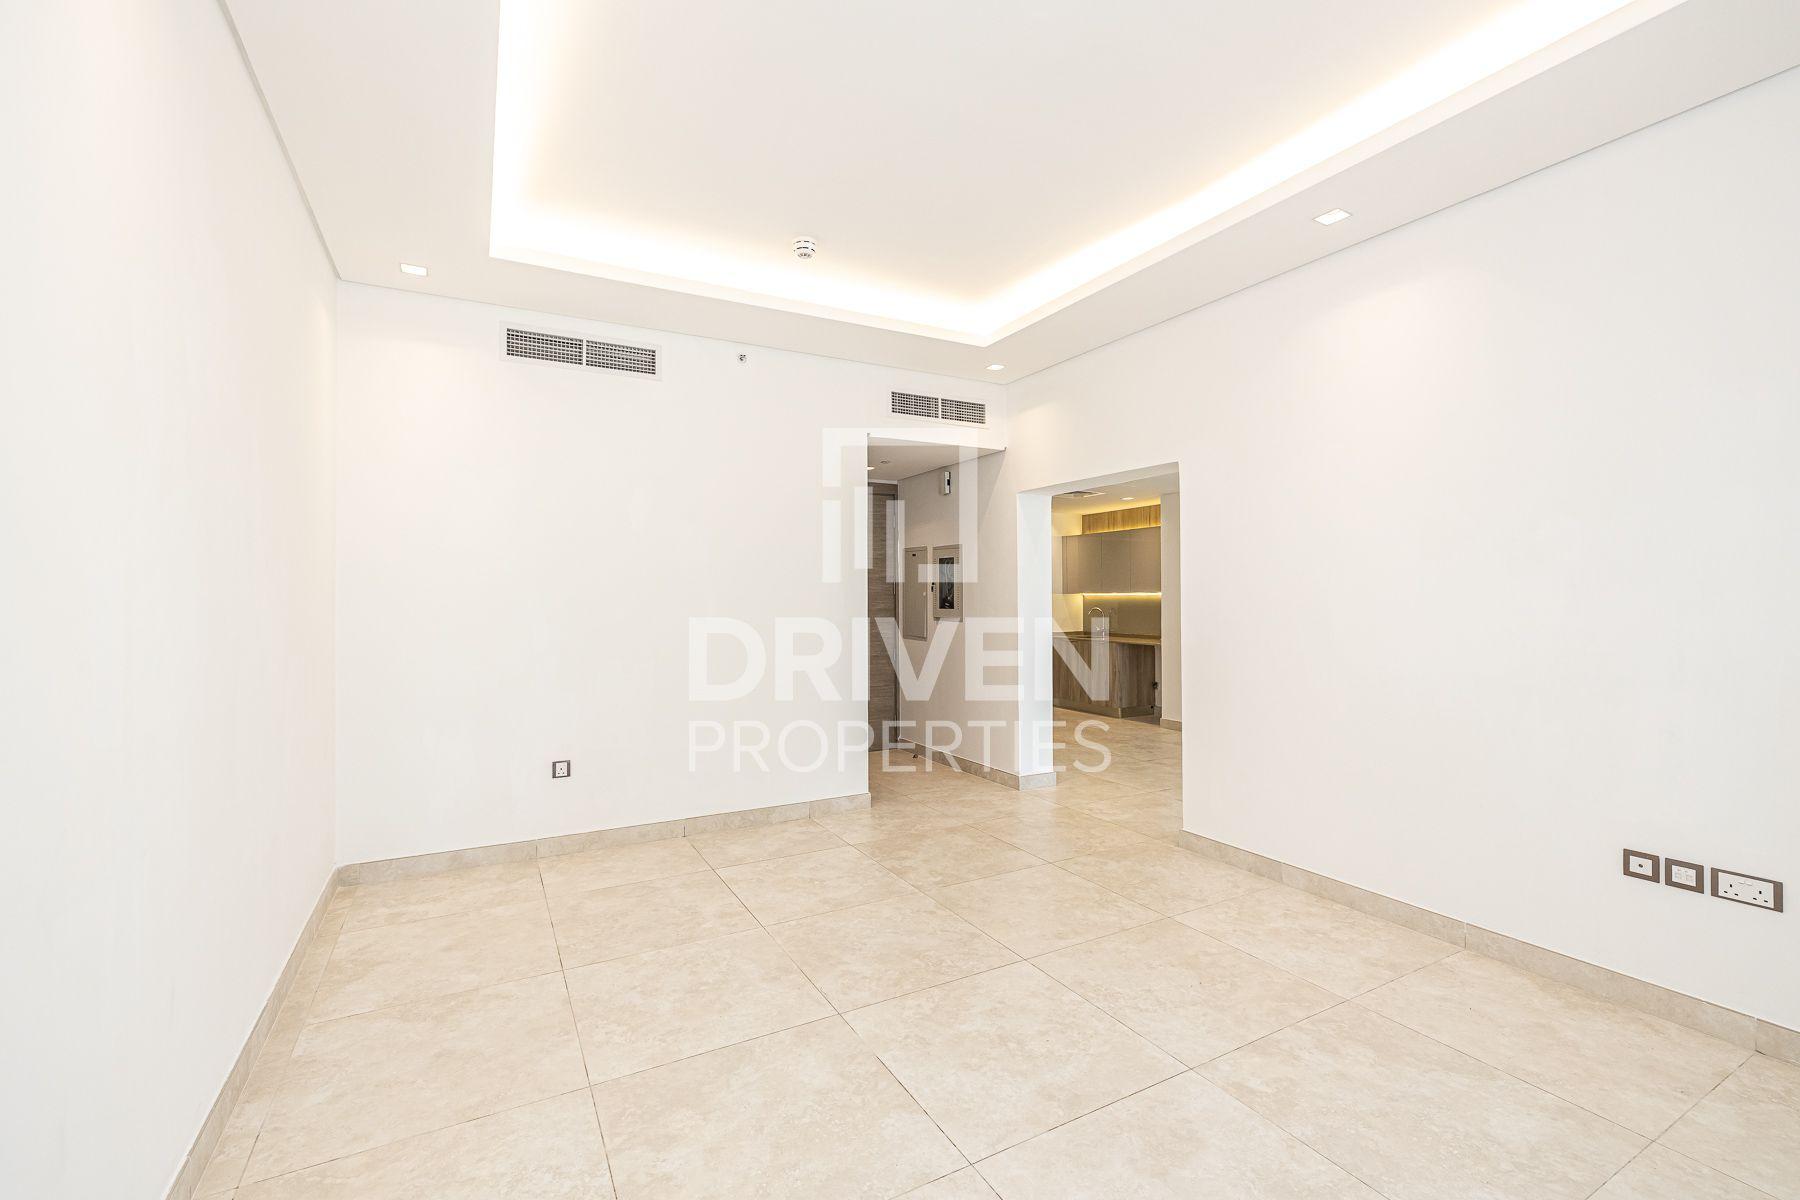 للايجار - شقة - تاراف 1 ريزيدنس - قرية الجميرا سركل